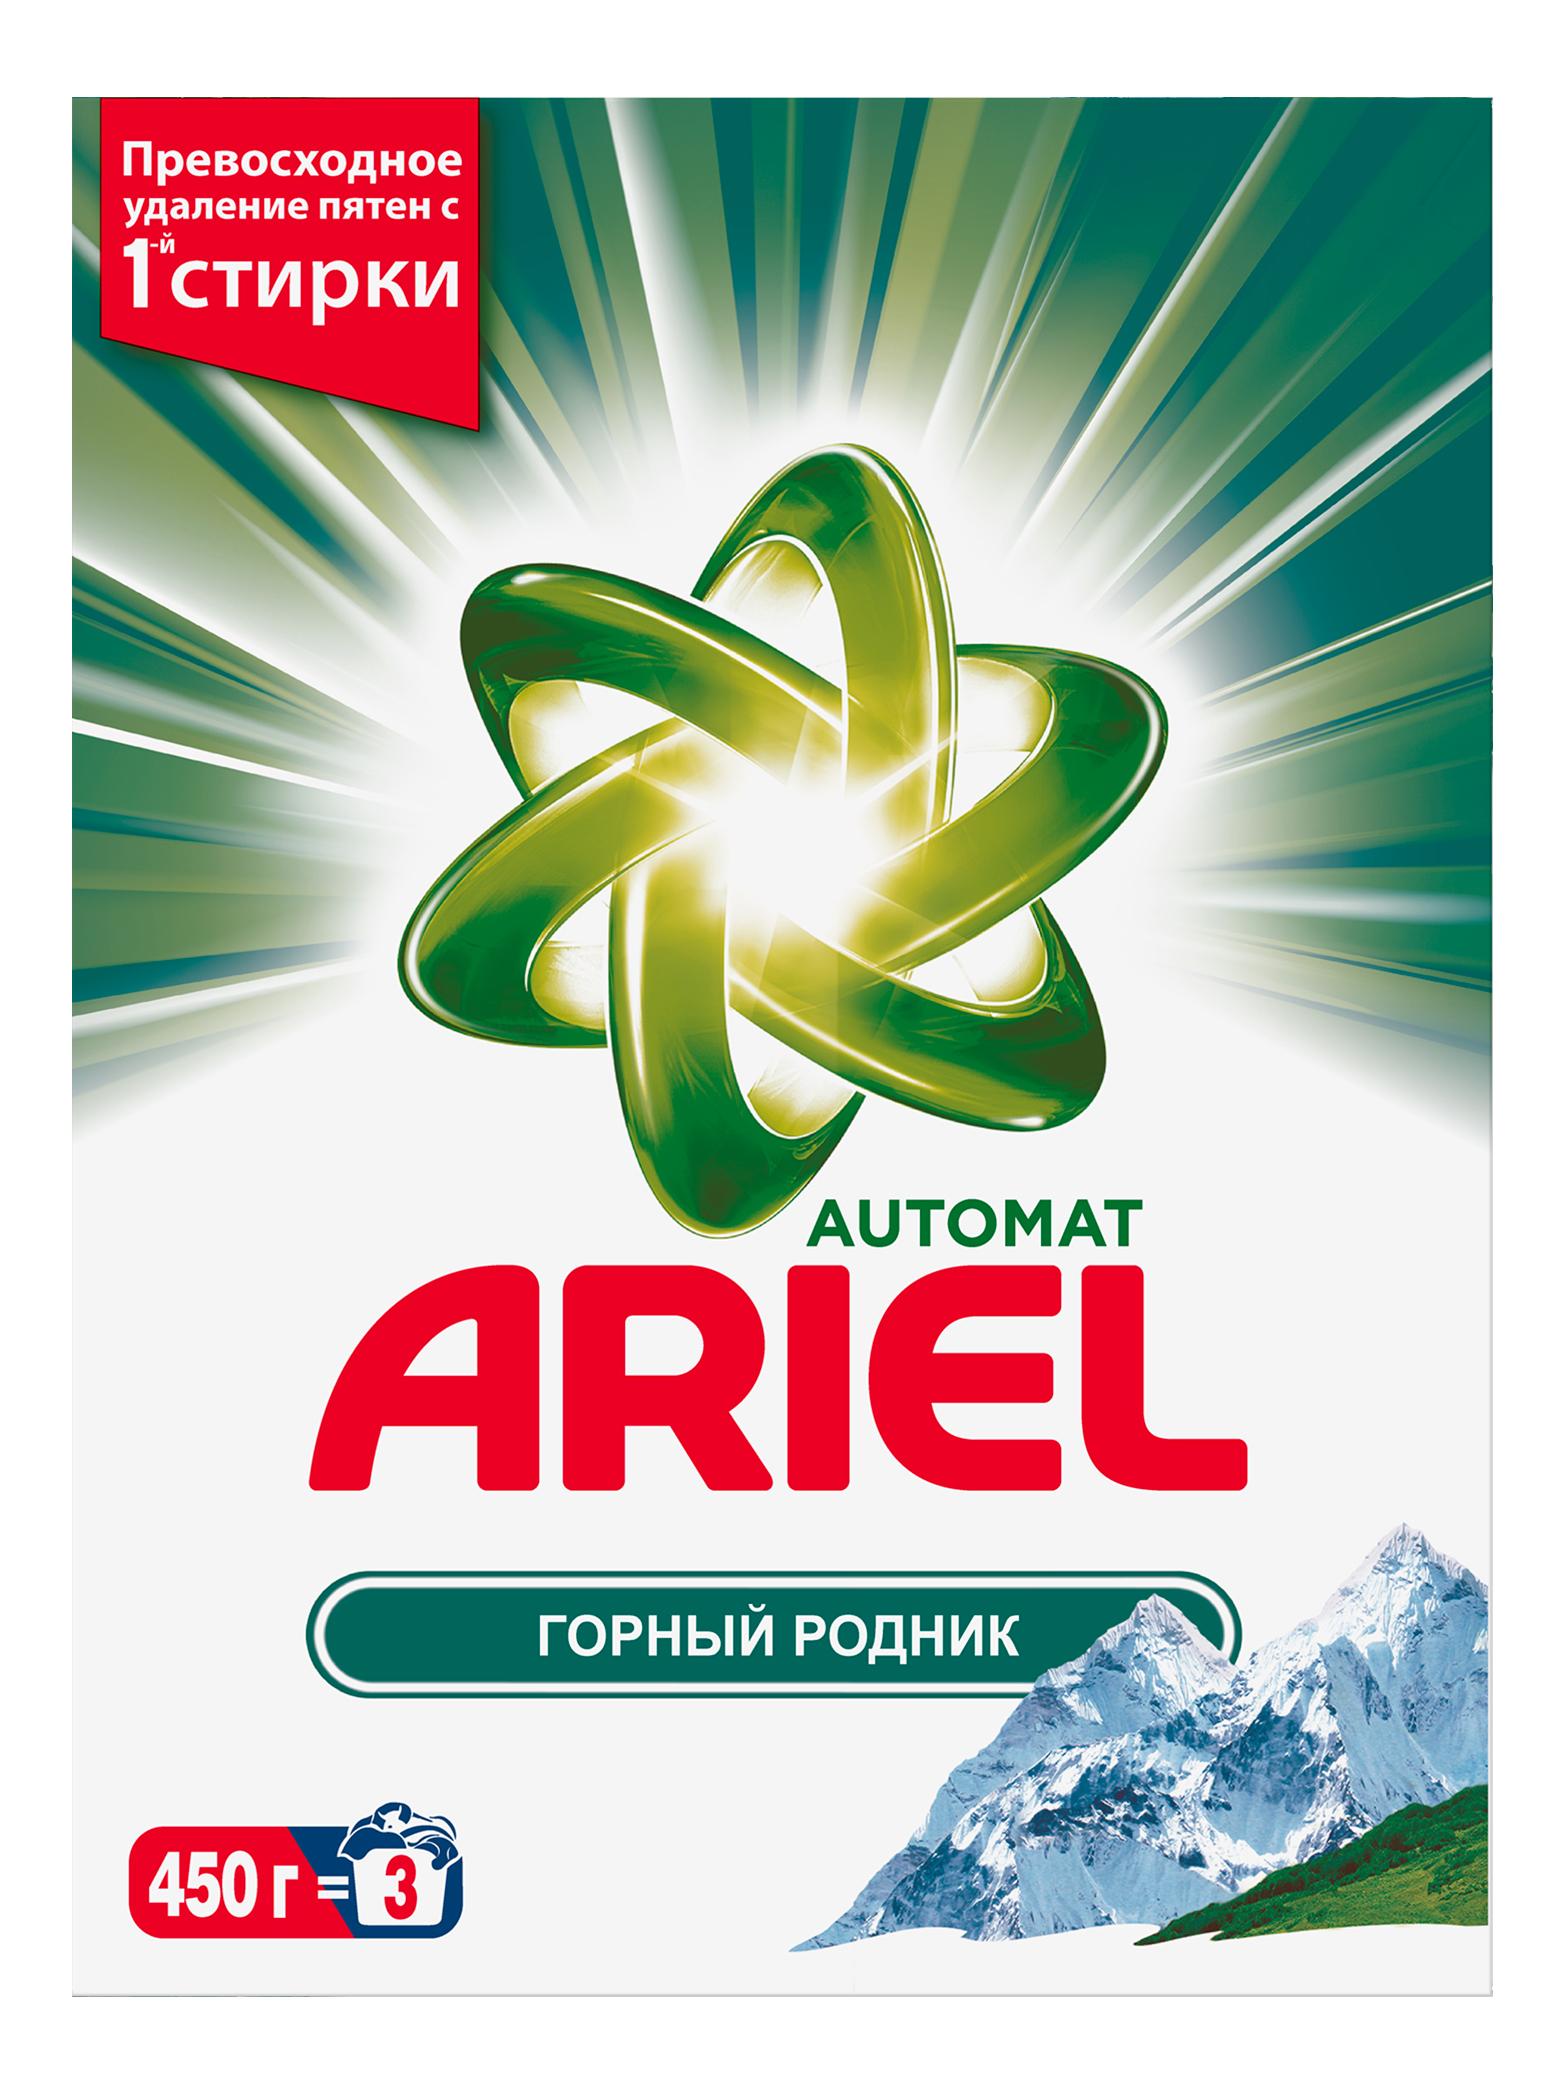 Порошок для стирки Ariel горный родник автомат 450 г